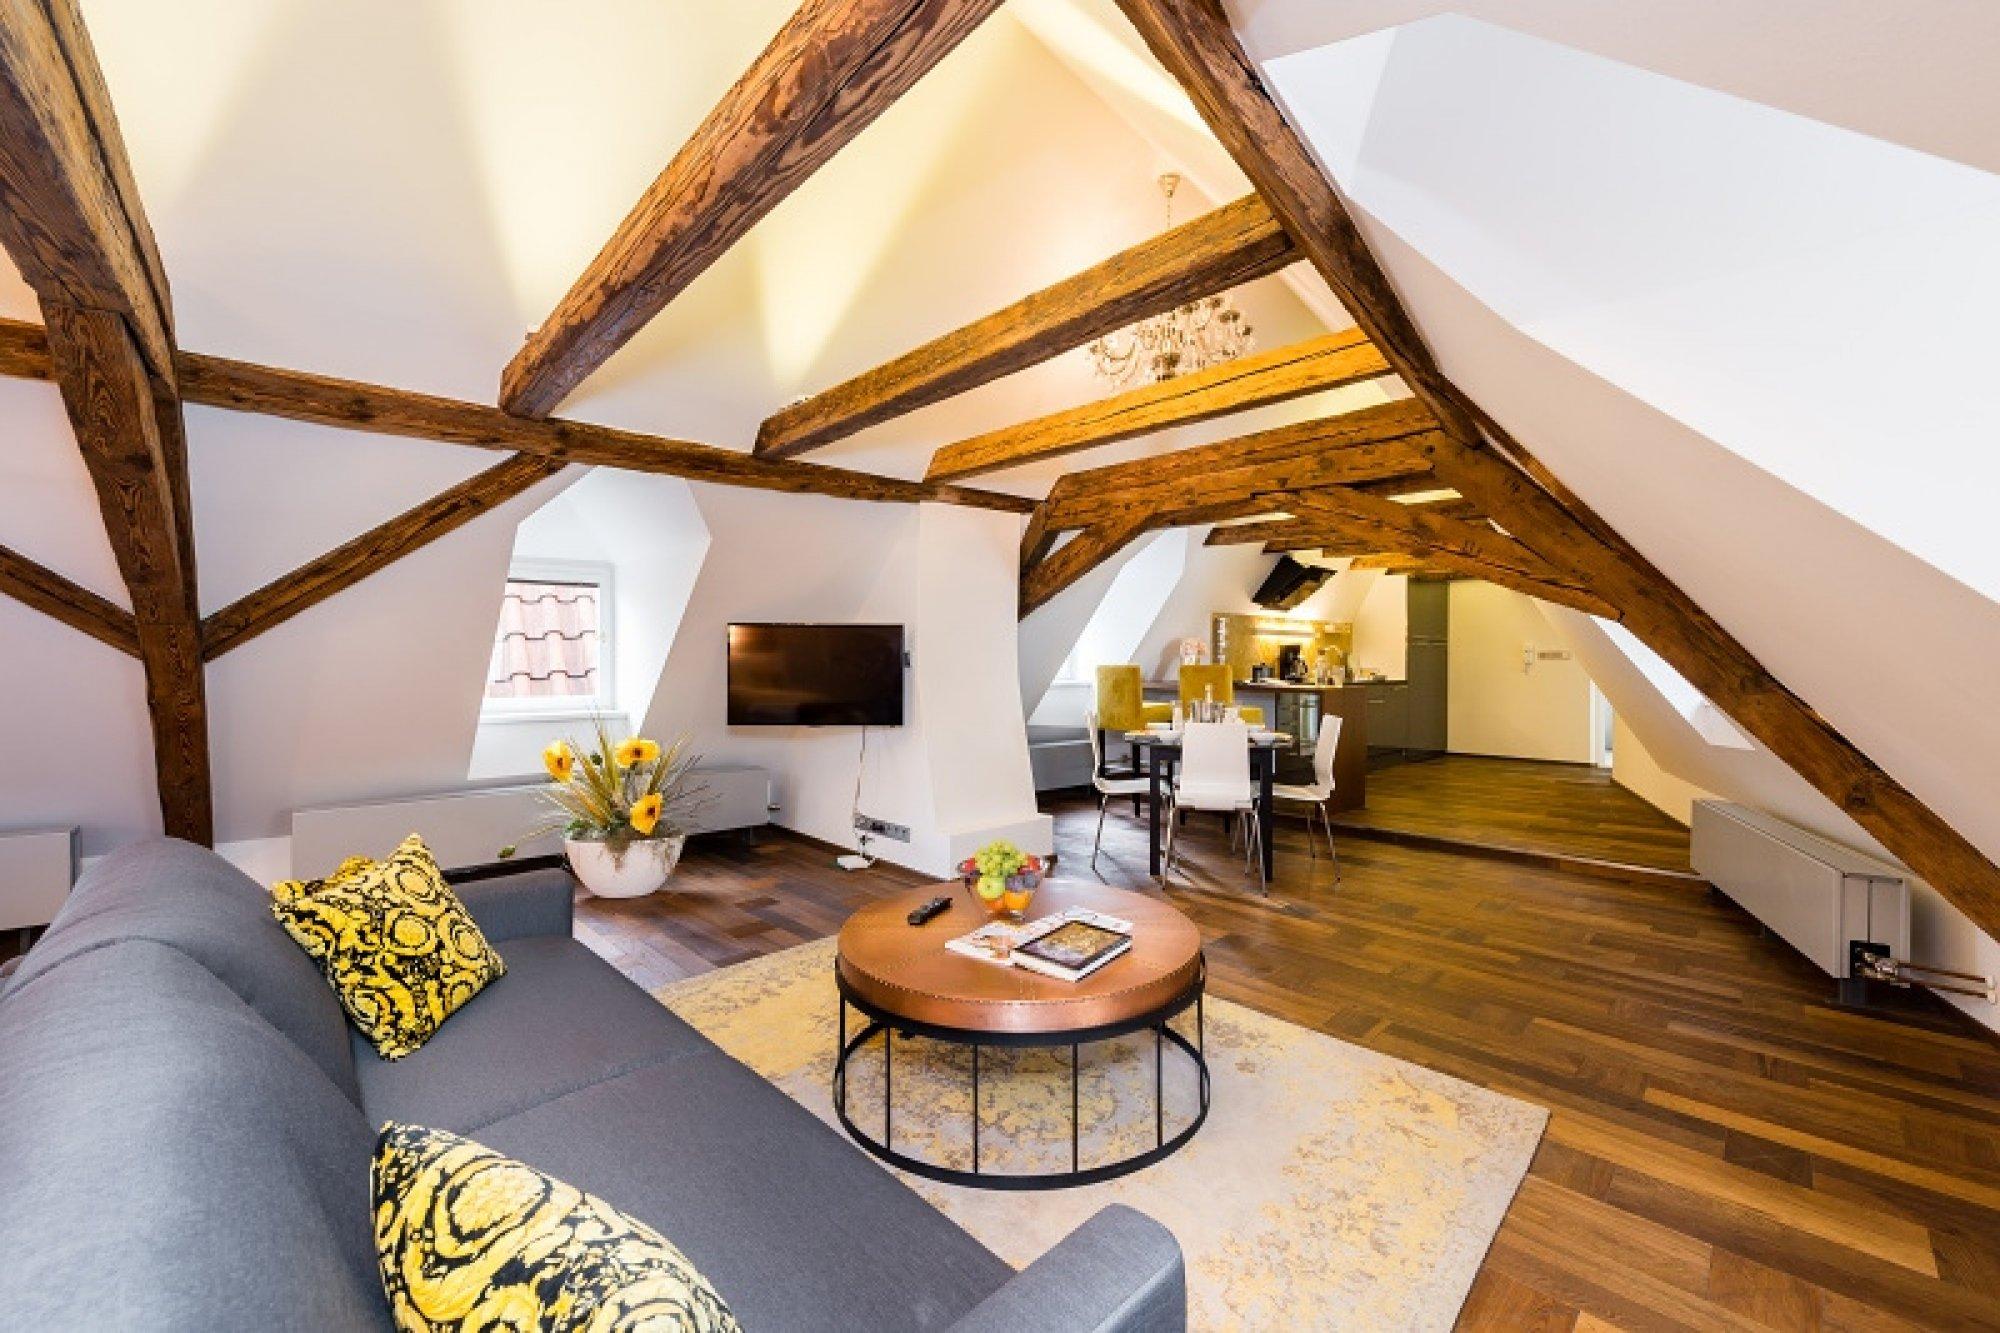 Půdní byt 1+kk, plocha 113 m², ulice Malostranské náměstí, Praha 1 - Malá Strana | 1